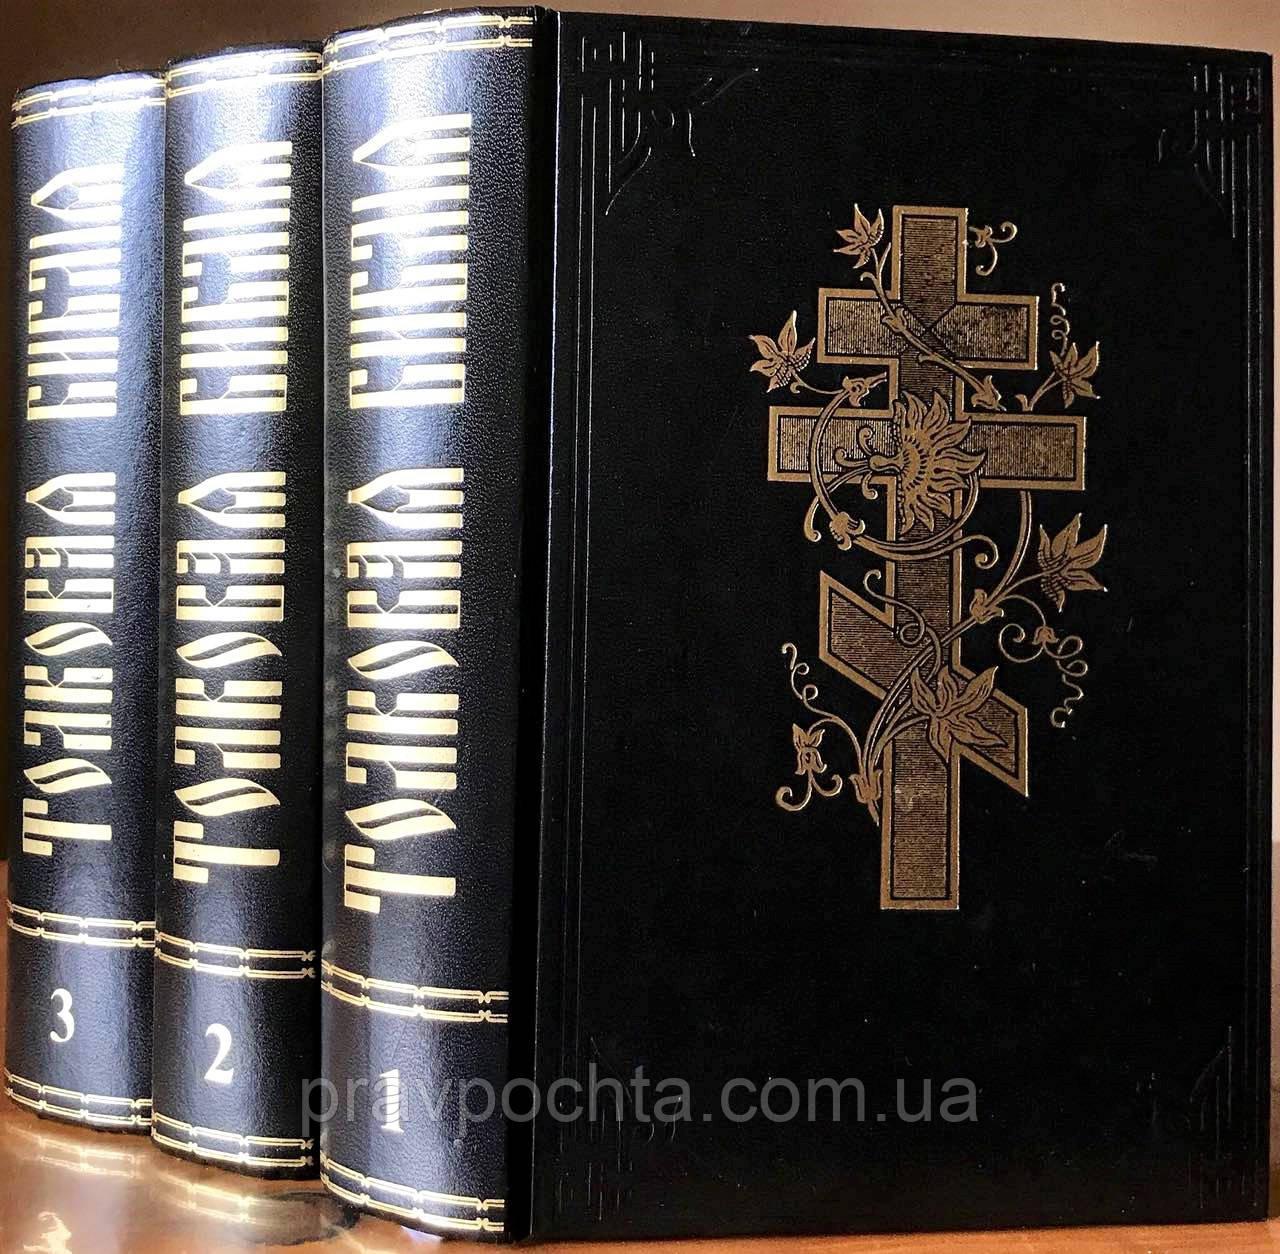 Толковая Библия А. П. Лопухина в 3-х томах. Репринтное издание 1904-1913 гг